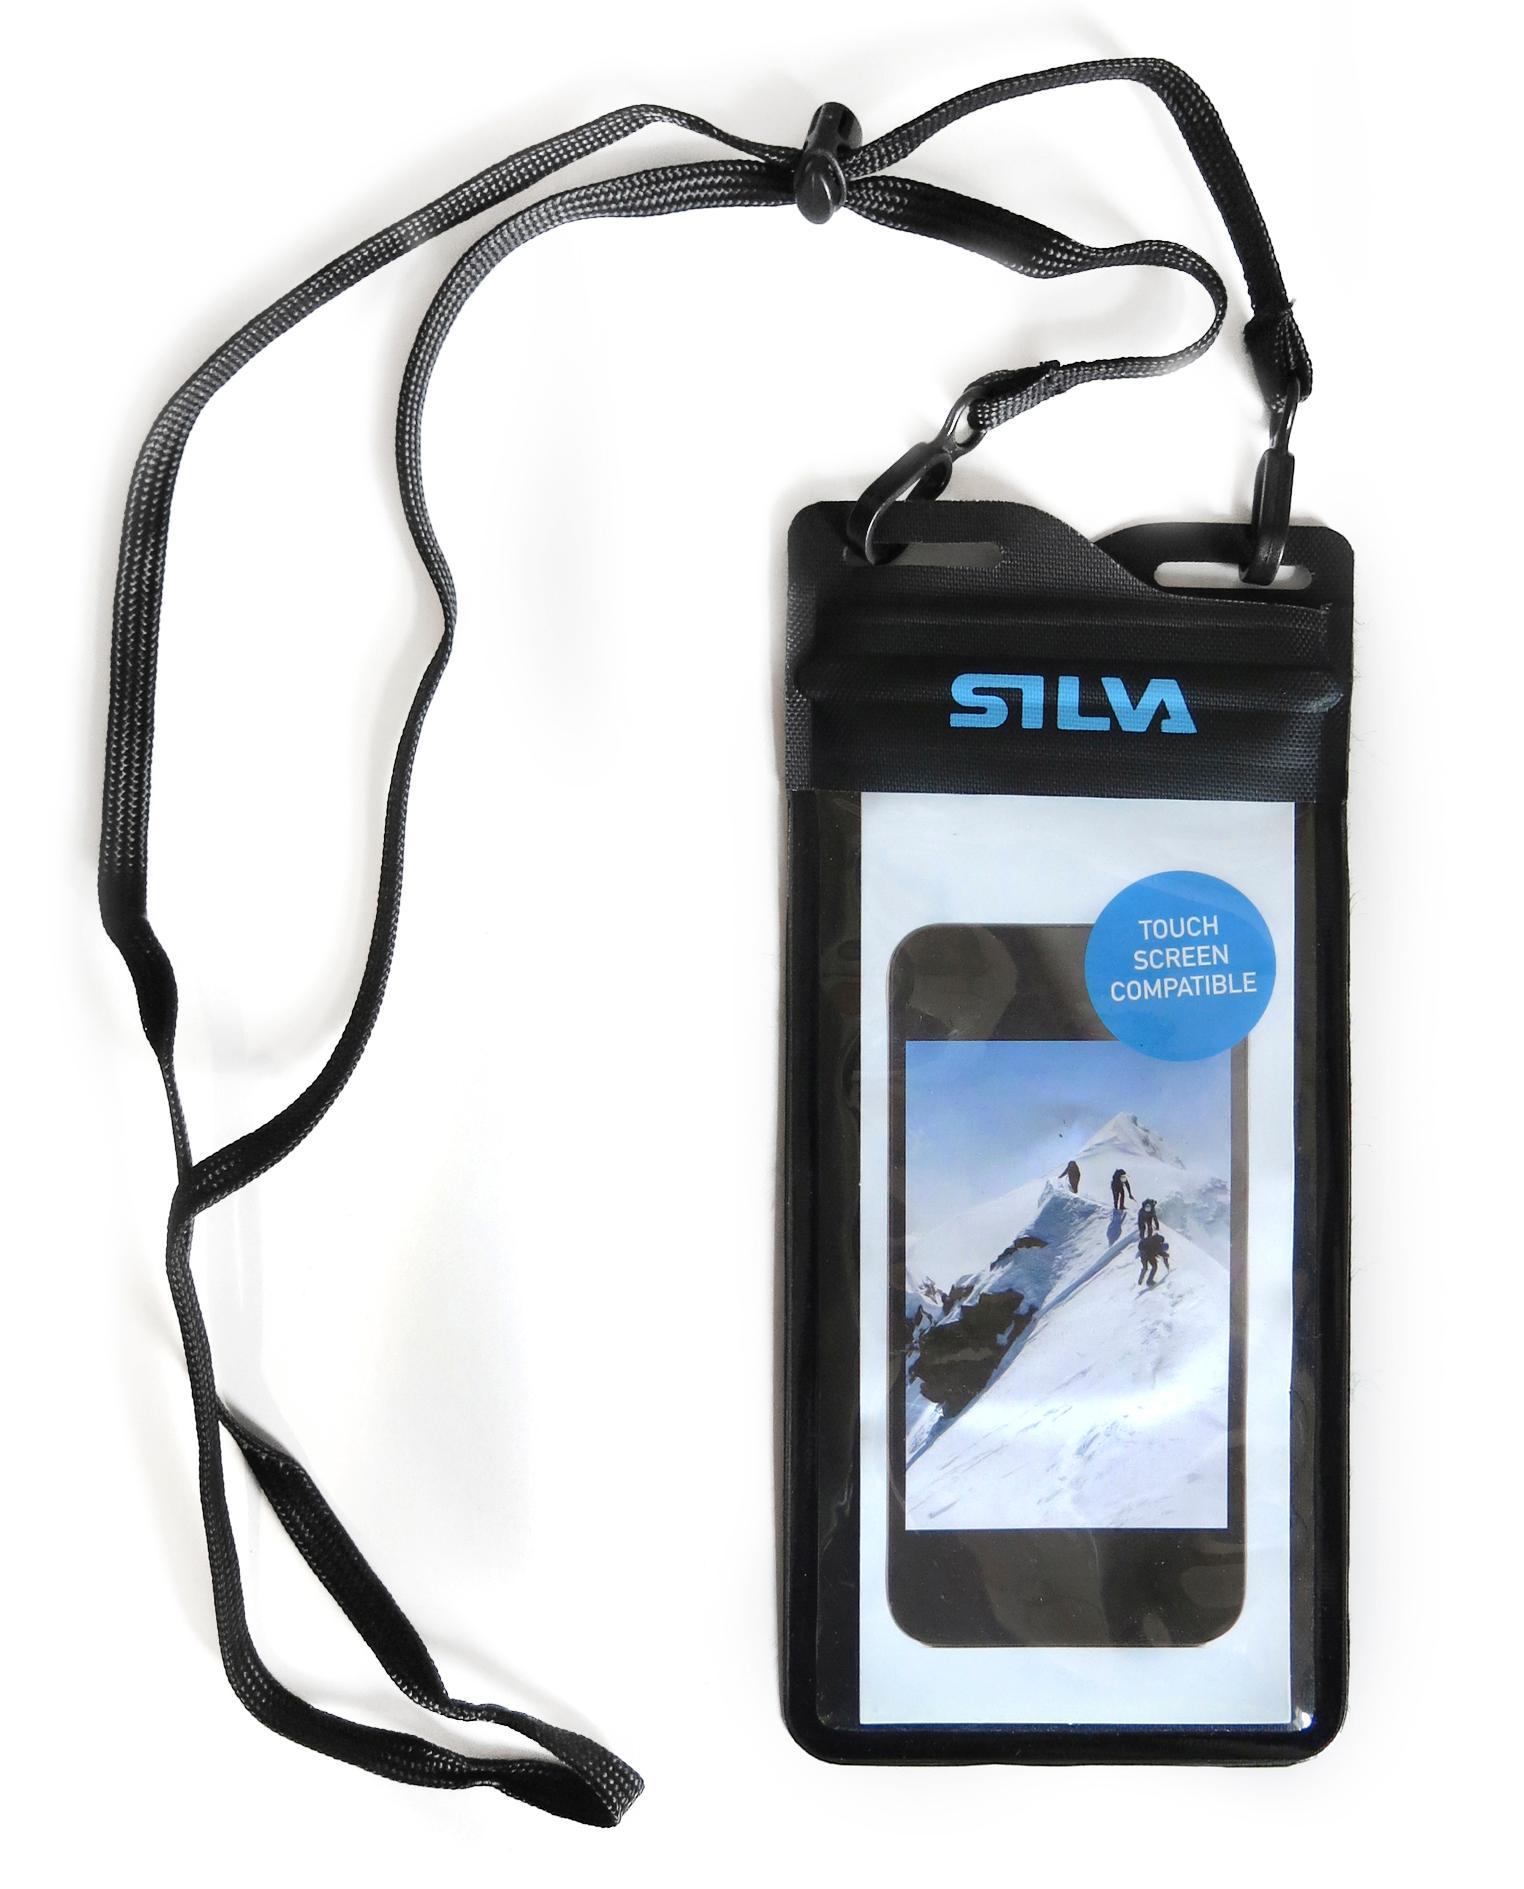 Купить Чехол водонепроницаемый Silva 2018 Carry Dry Case S